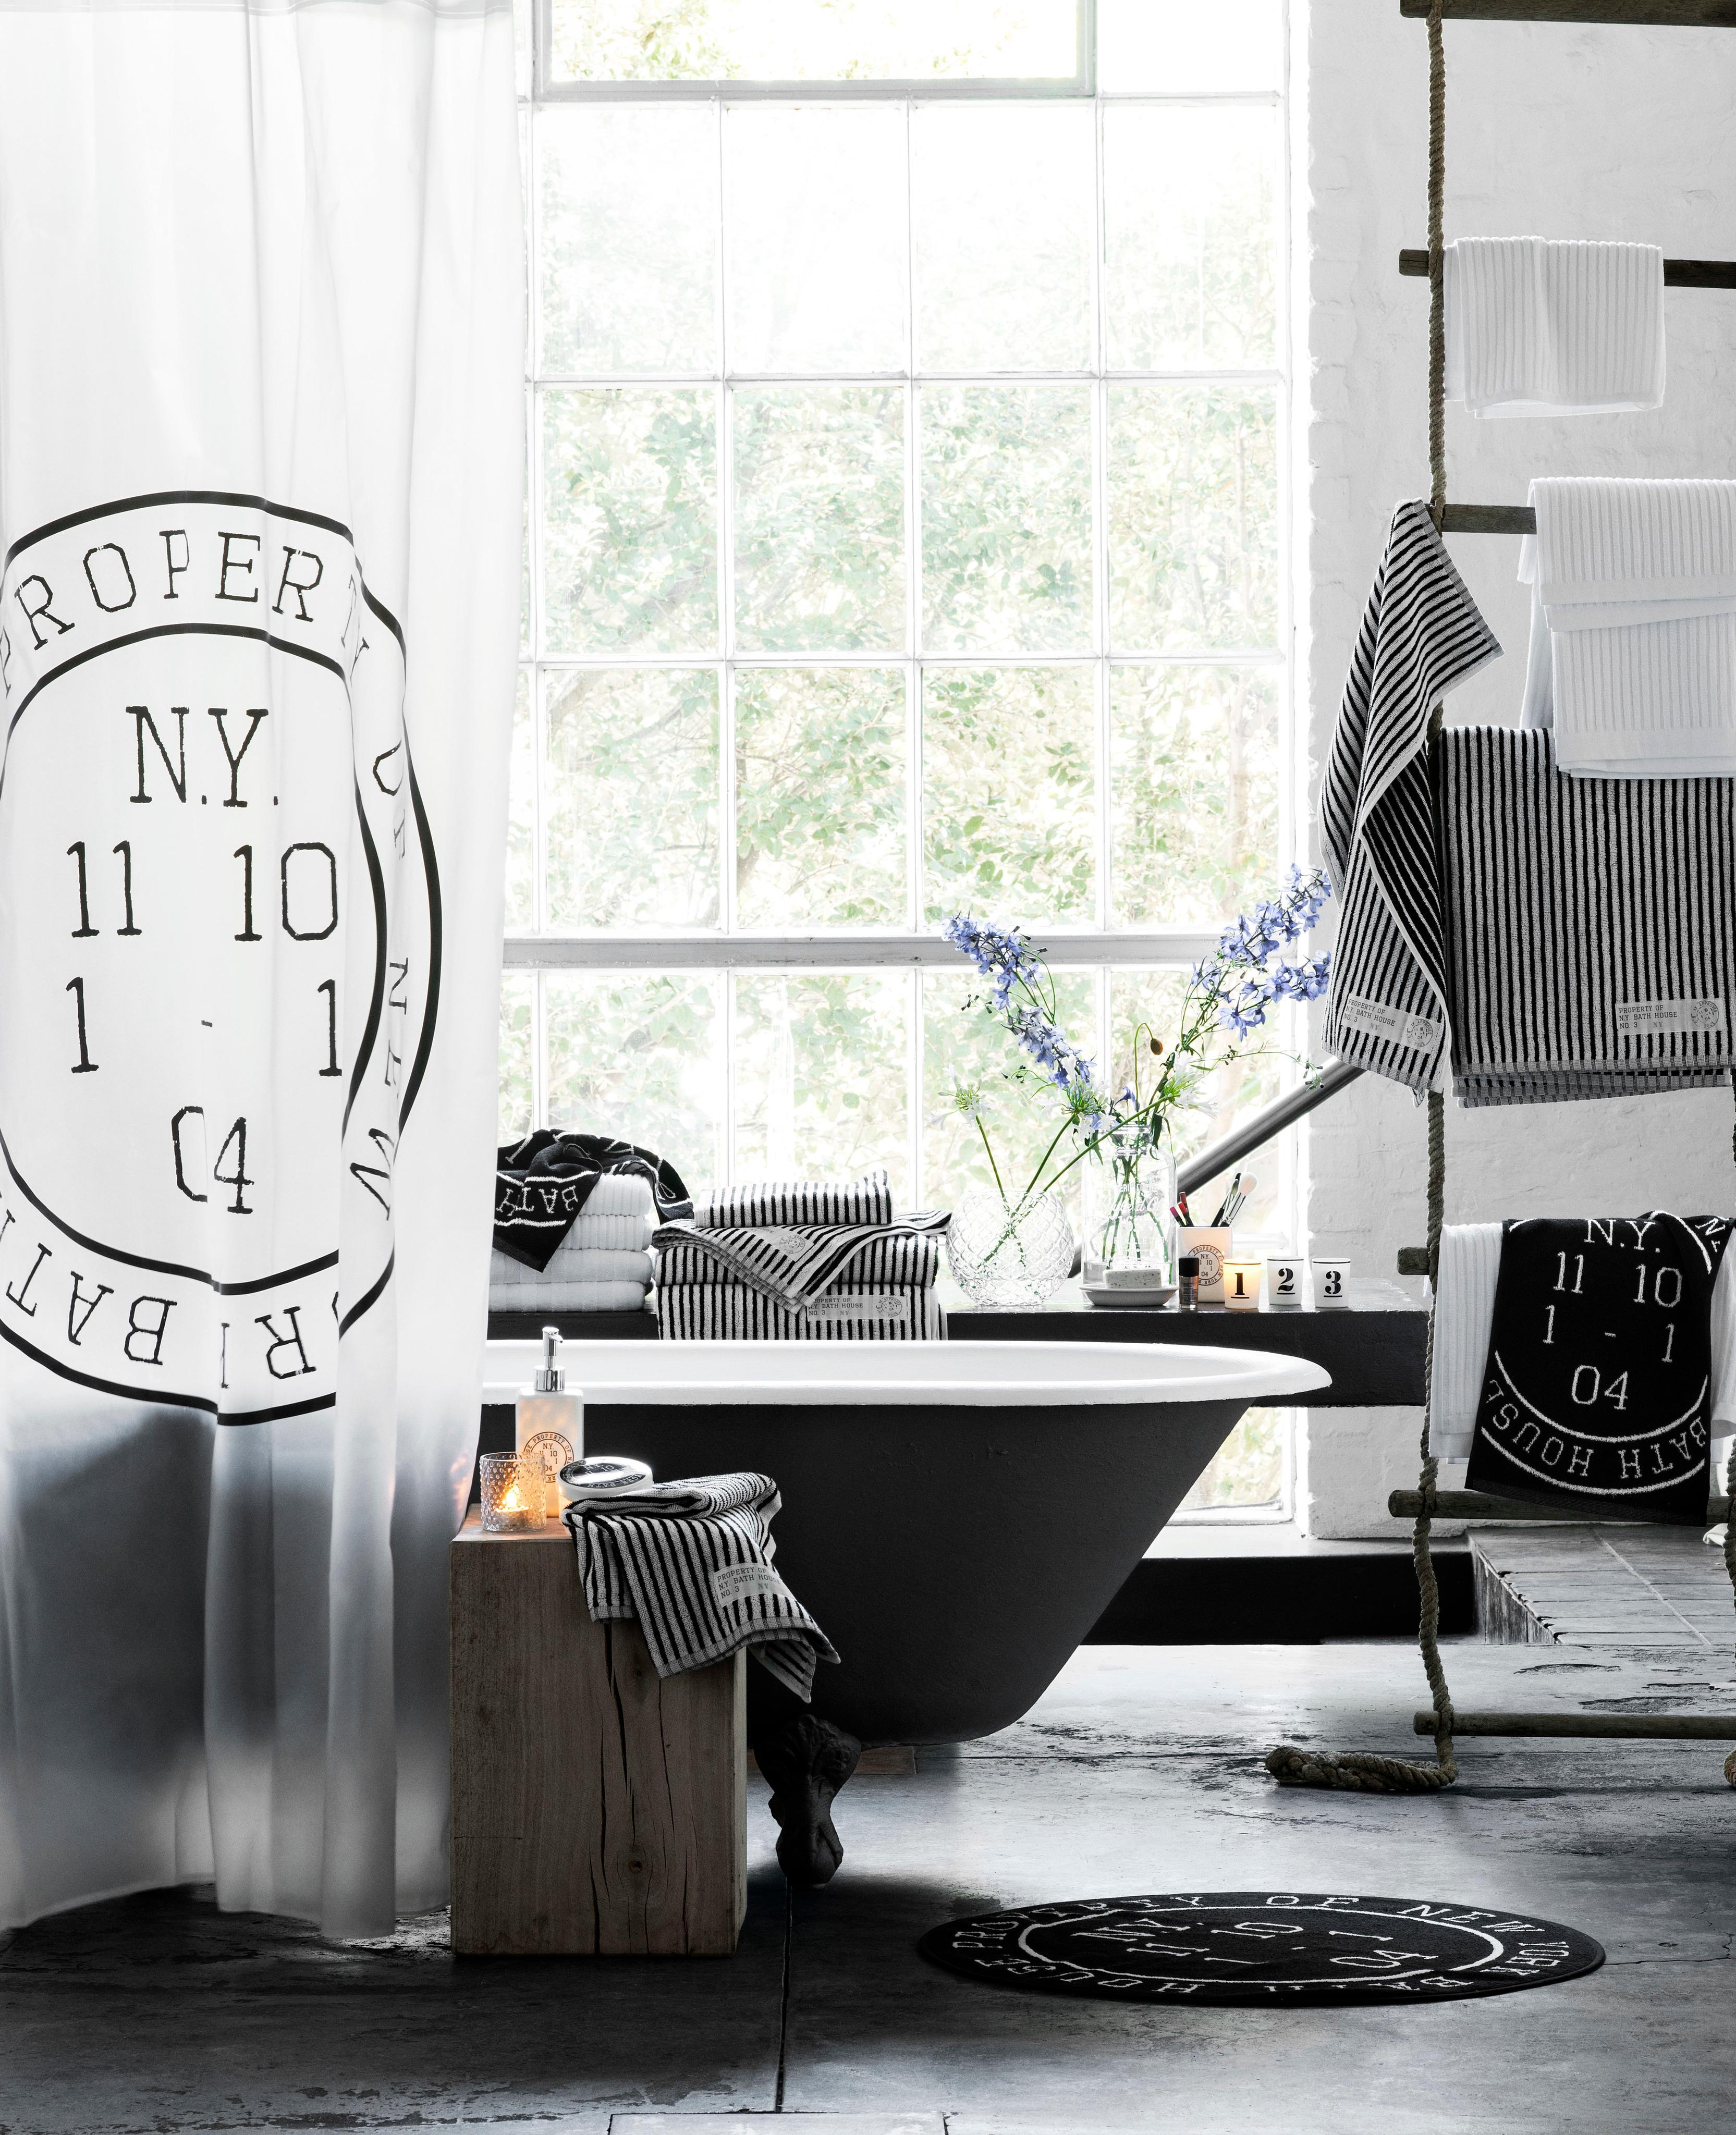 Badewanne Duschvorhang duschvorhang bilder ideen couchstyle